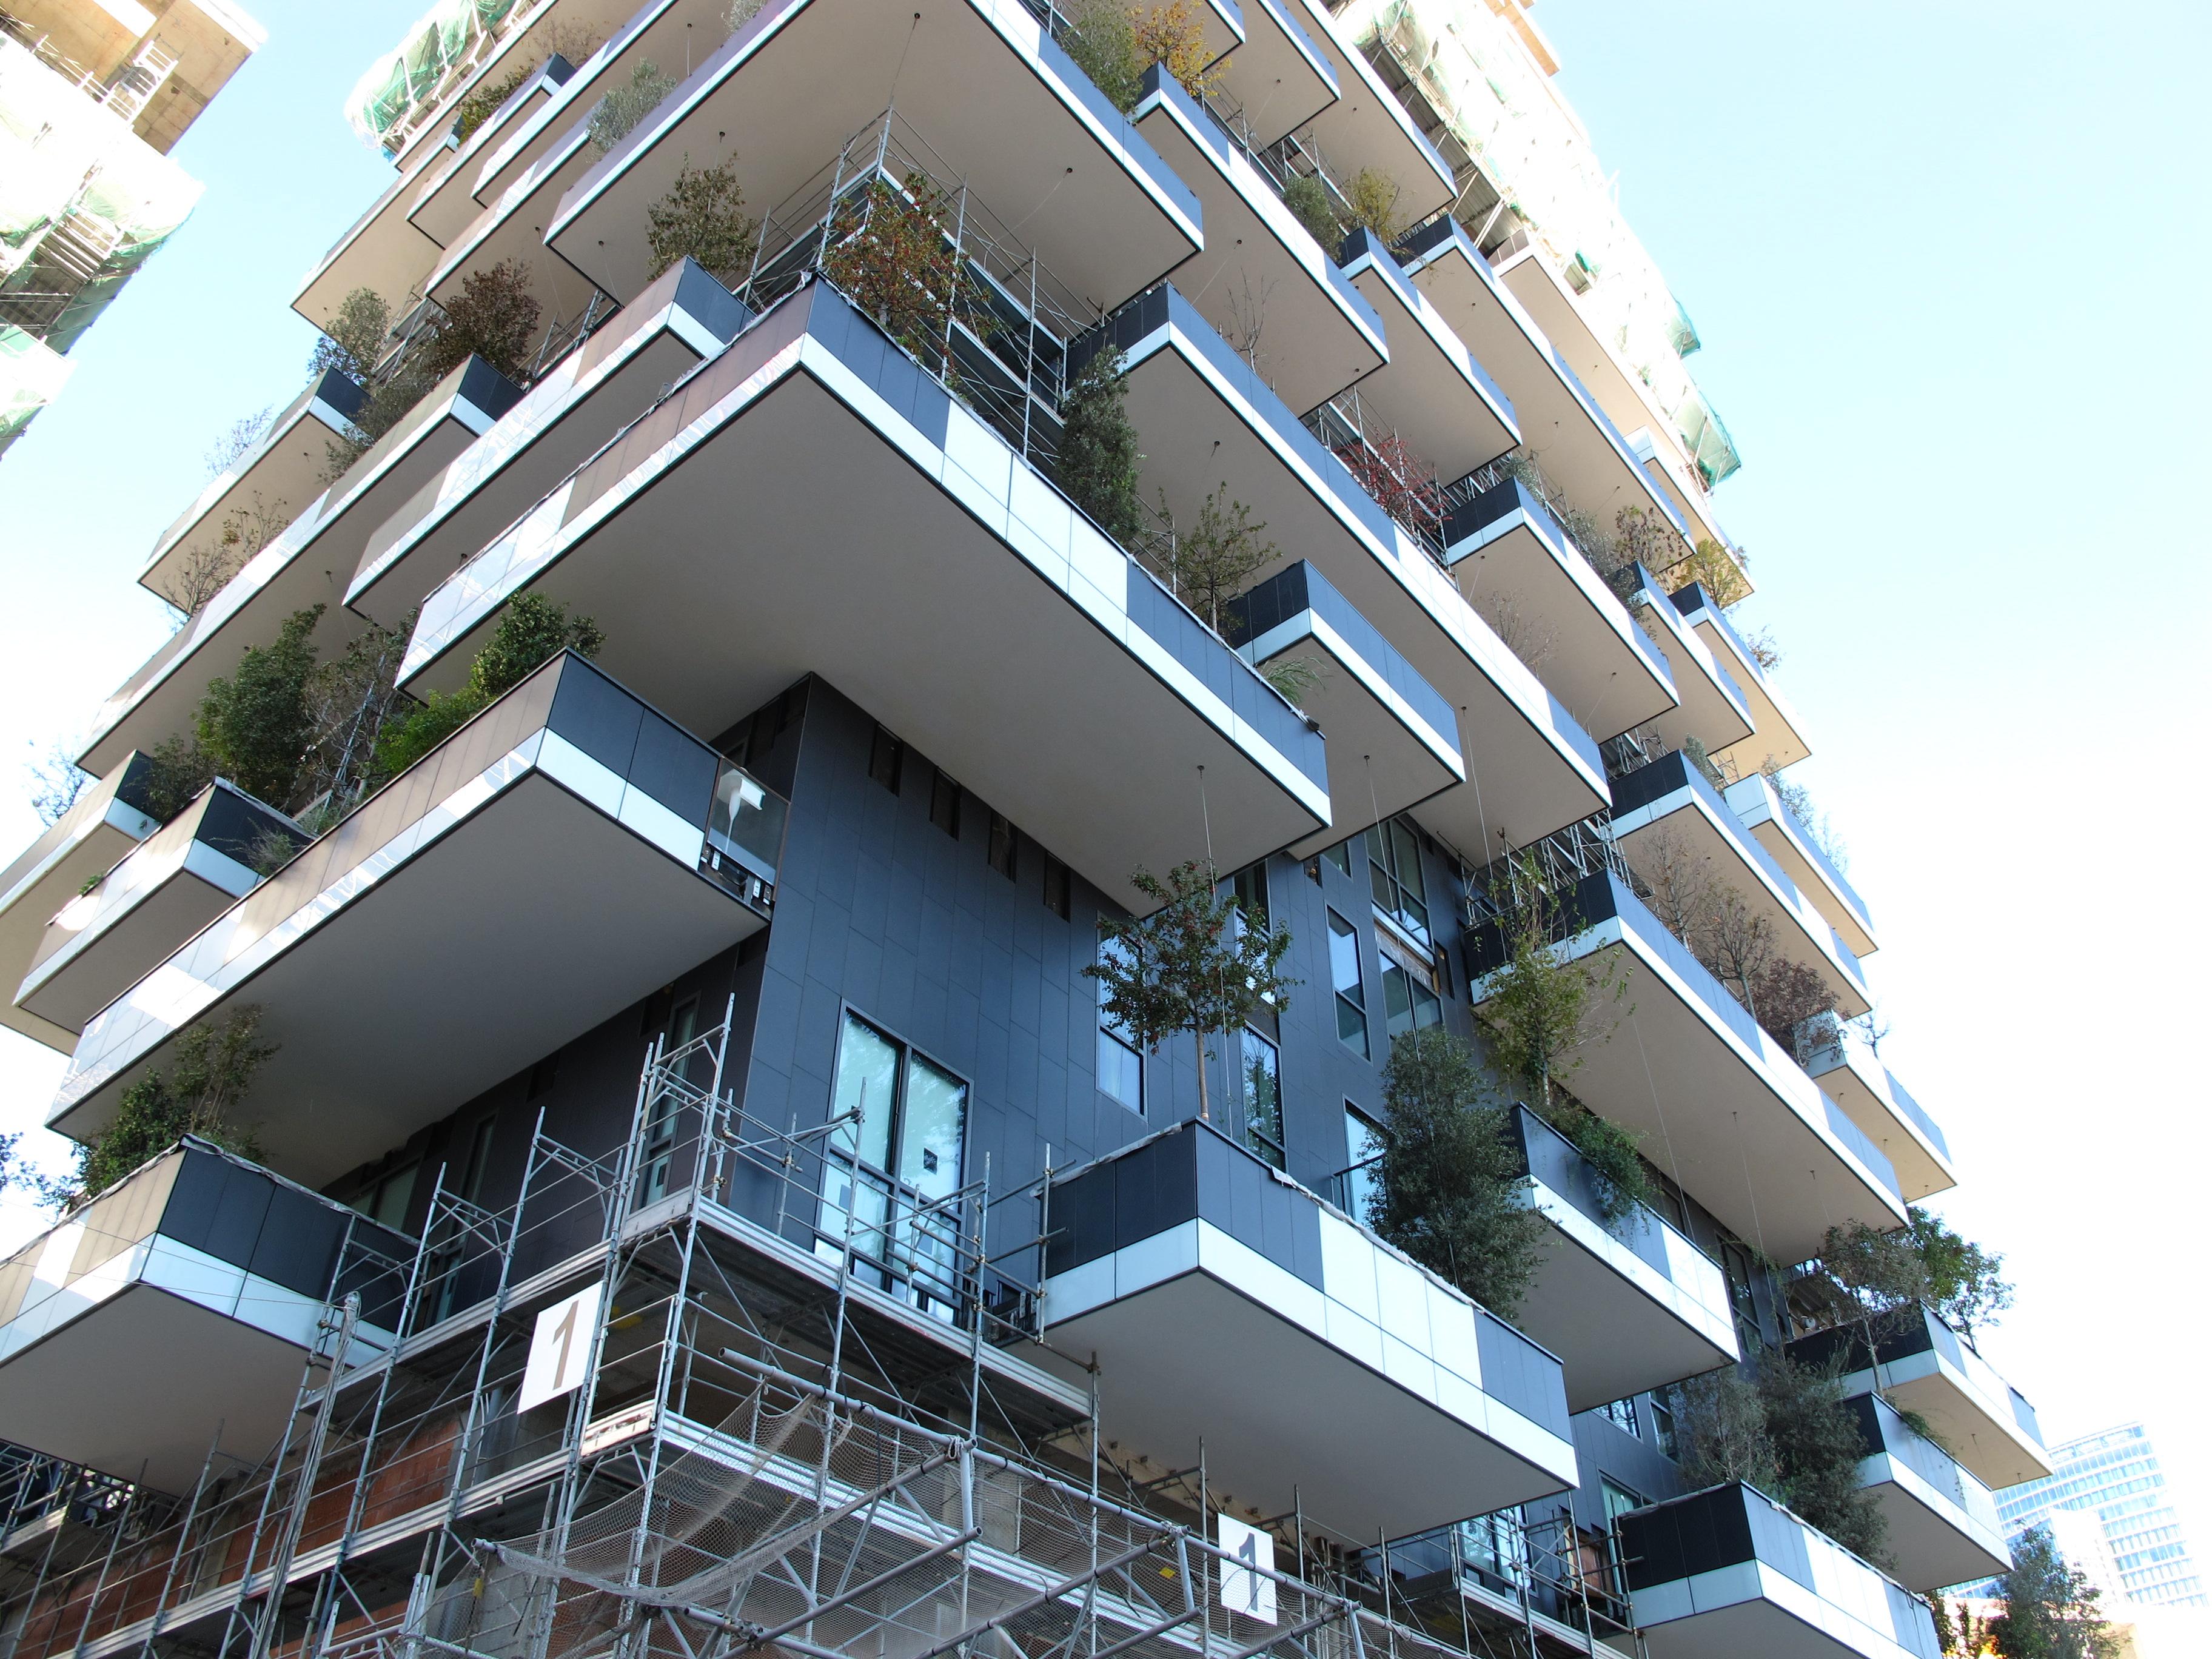 Studienreise milano dnsarchitekten for Architektur mailand